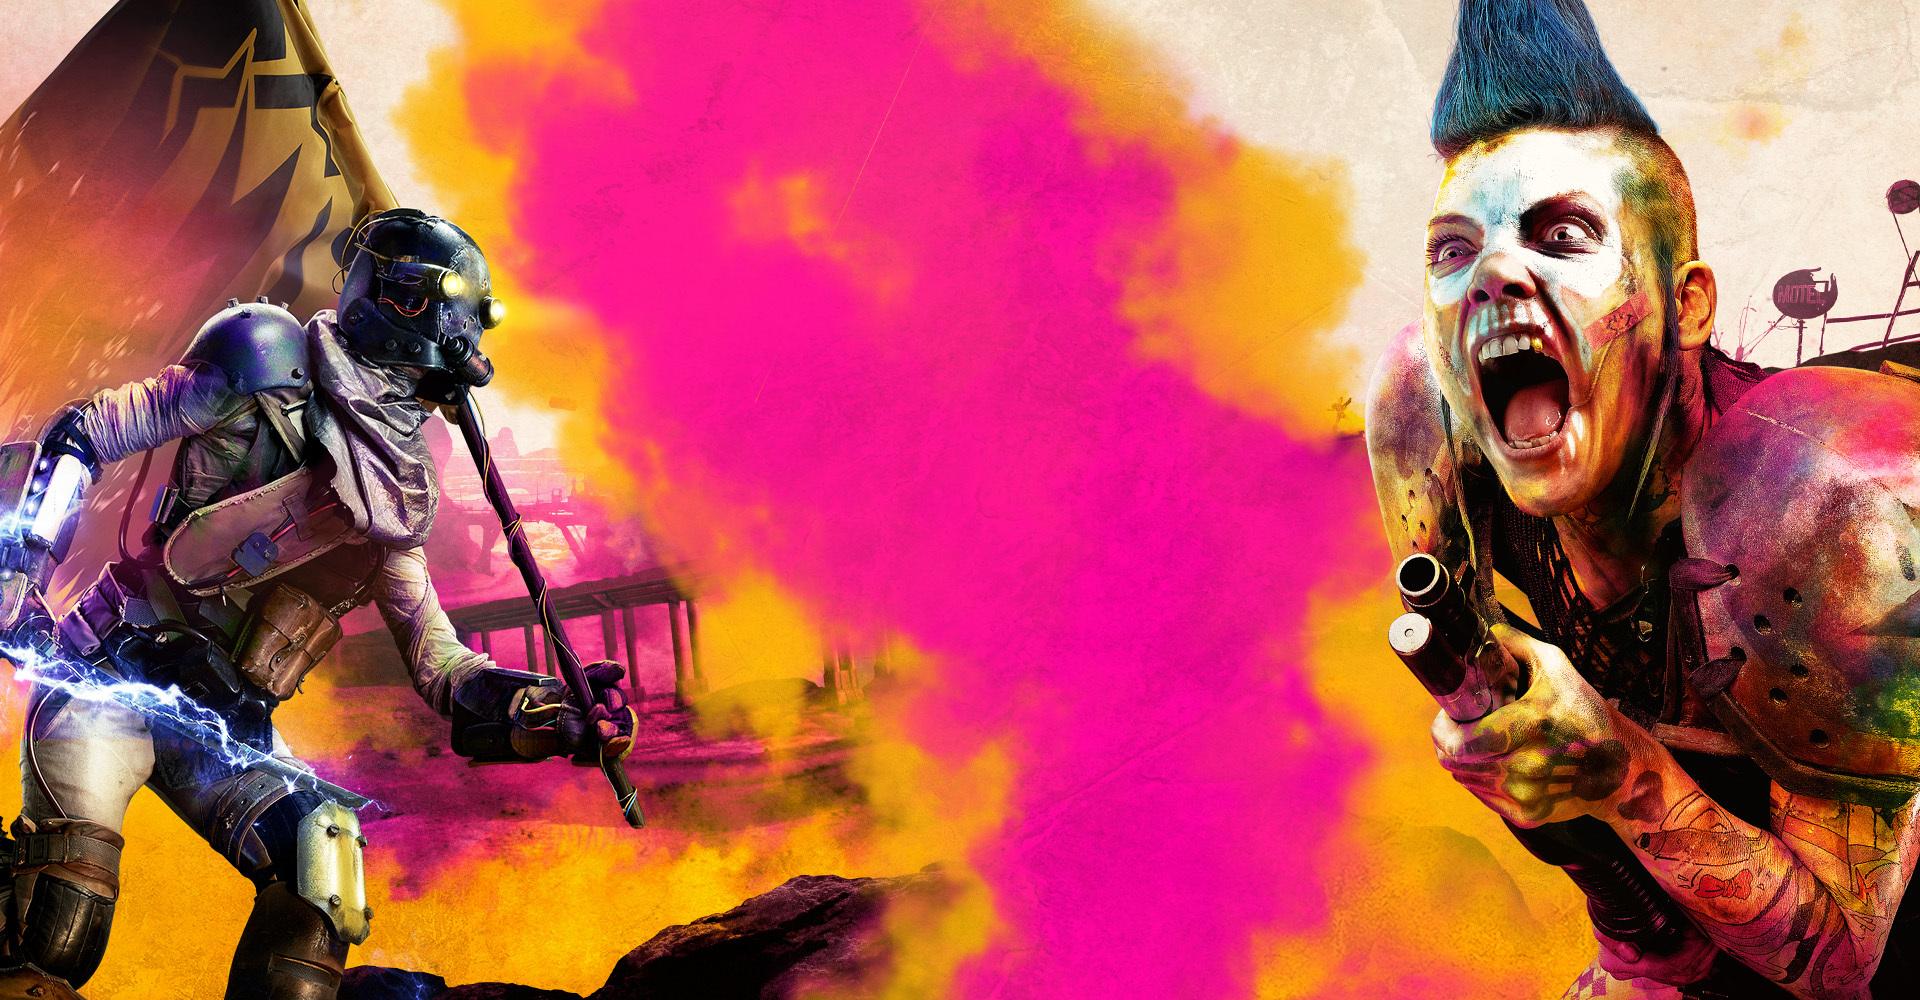 В игре Rage 2 нашли секретную матерную озвучку от лондонских гопников